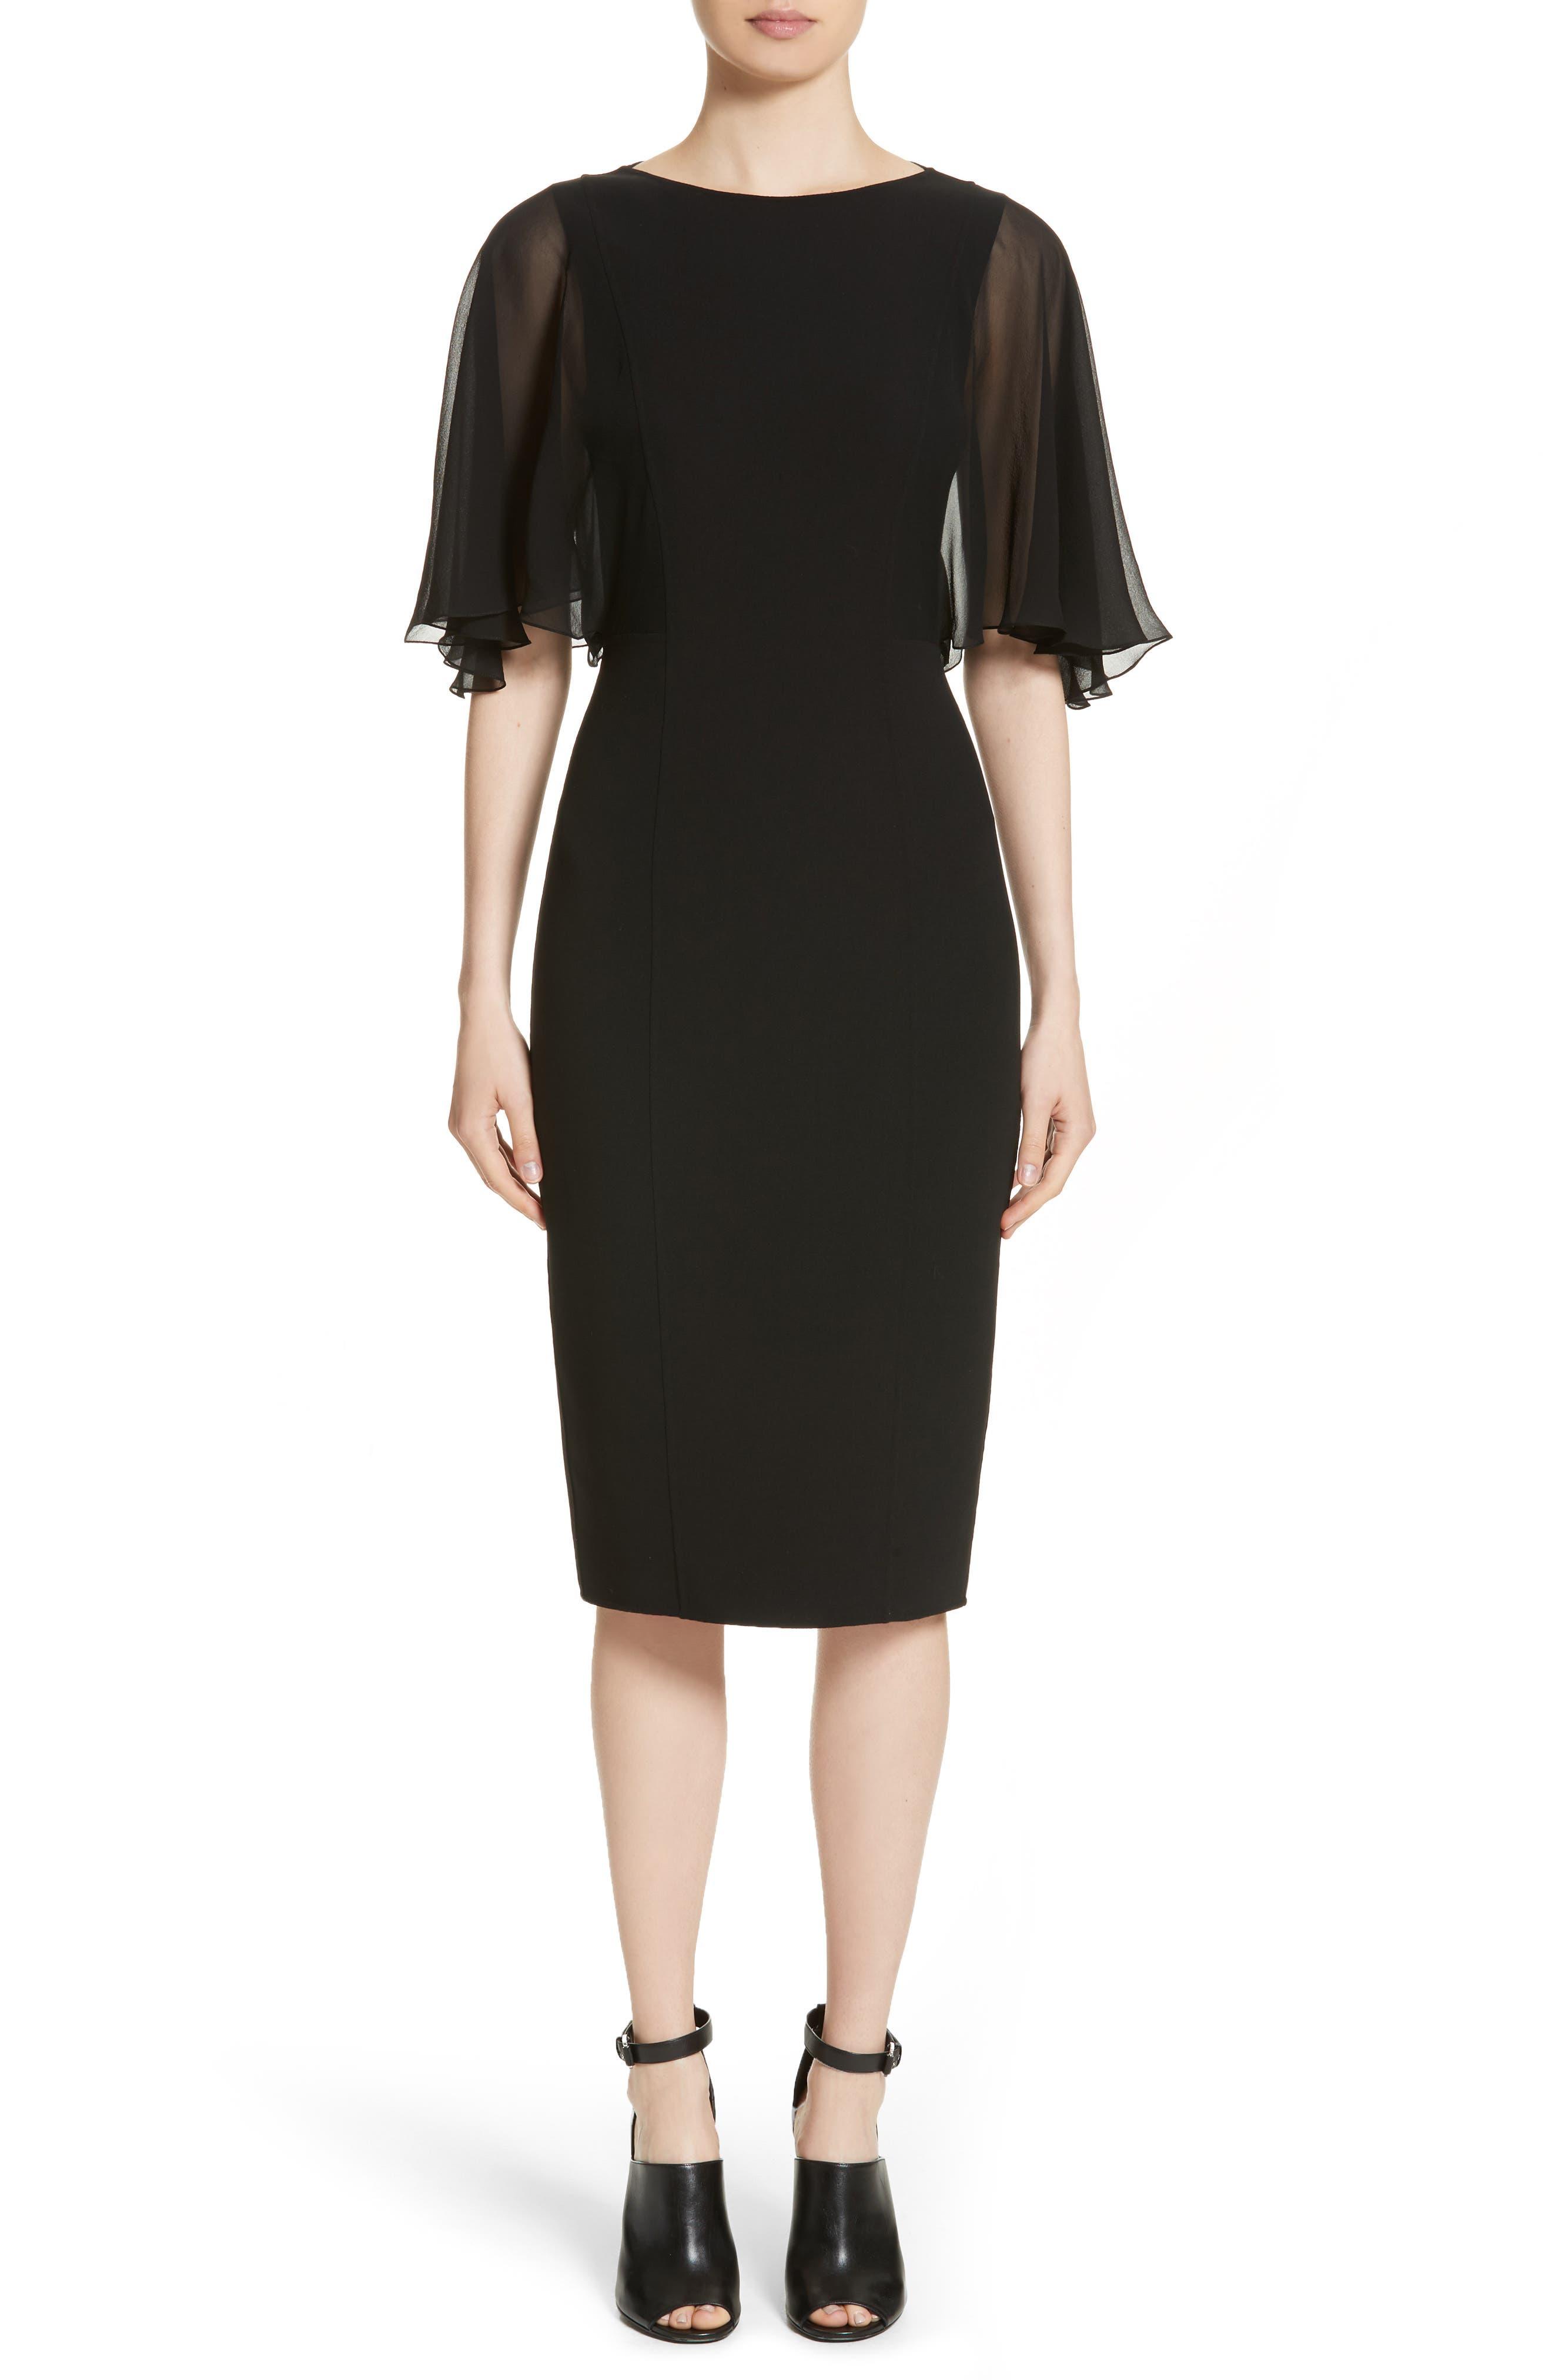 Main Image - Michael Kors Draped Chiffon Sleeve Dress